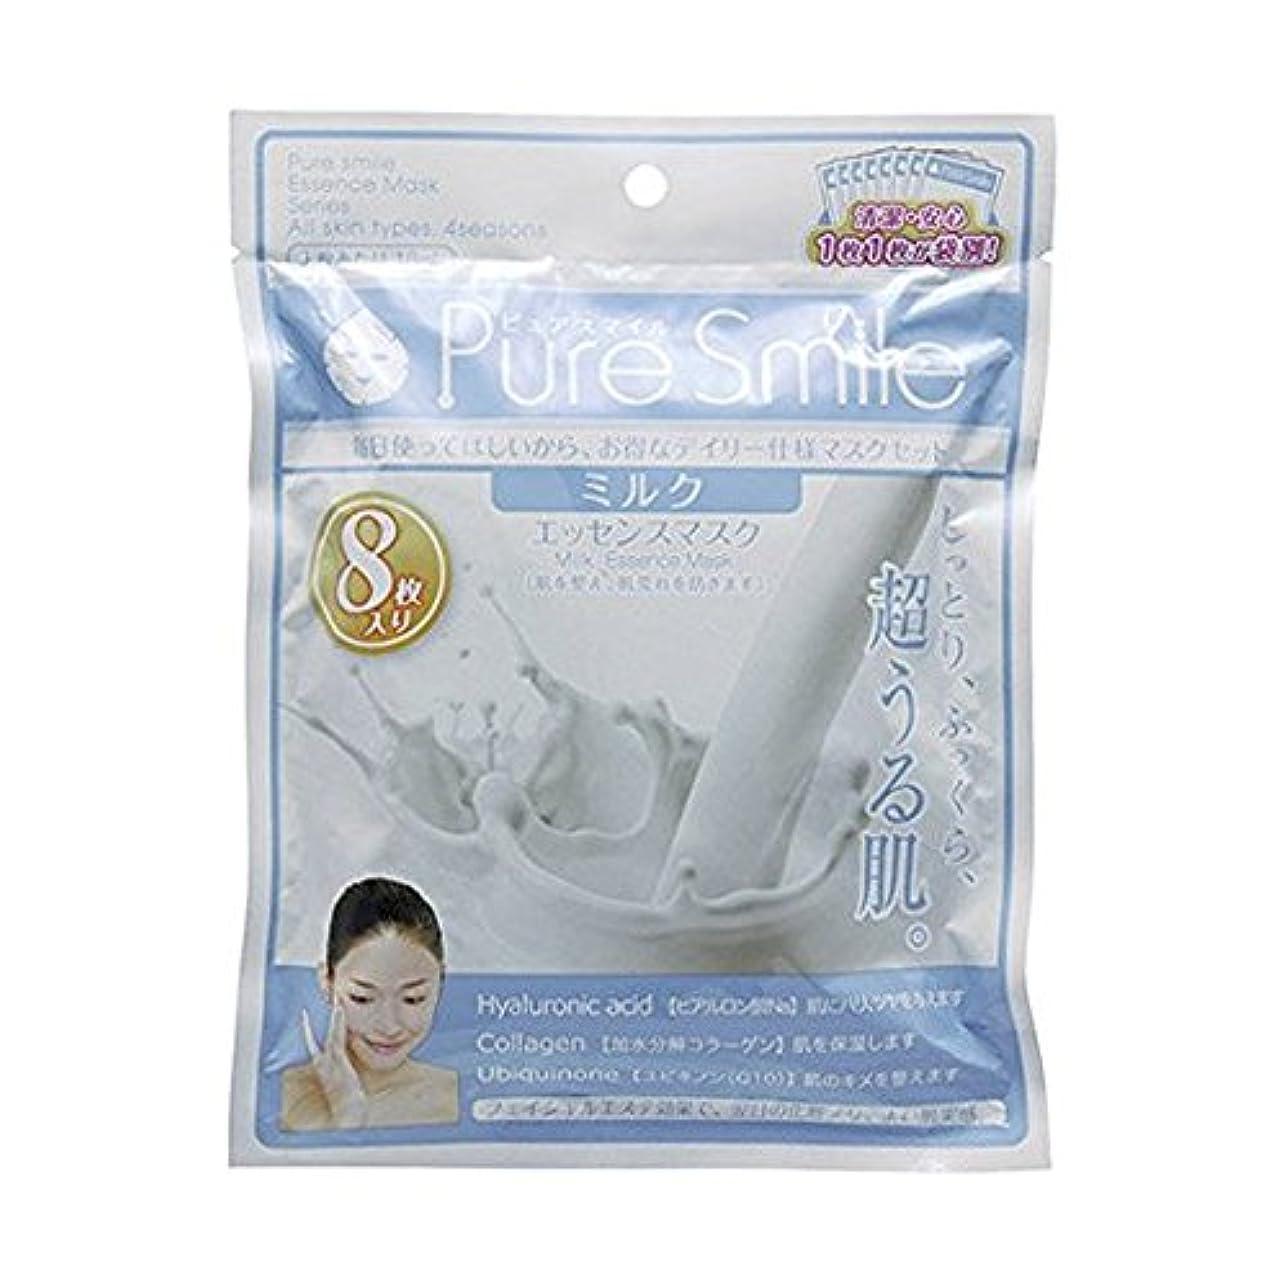 紀元前クレジット新聞ピュアスマイル エッセンスマスク 8枚セット ミルク